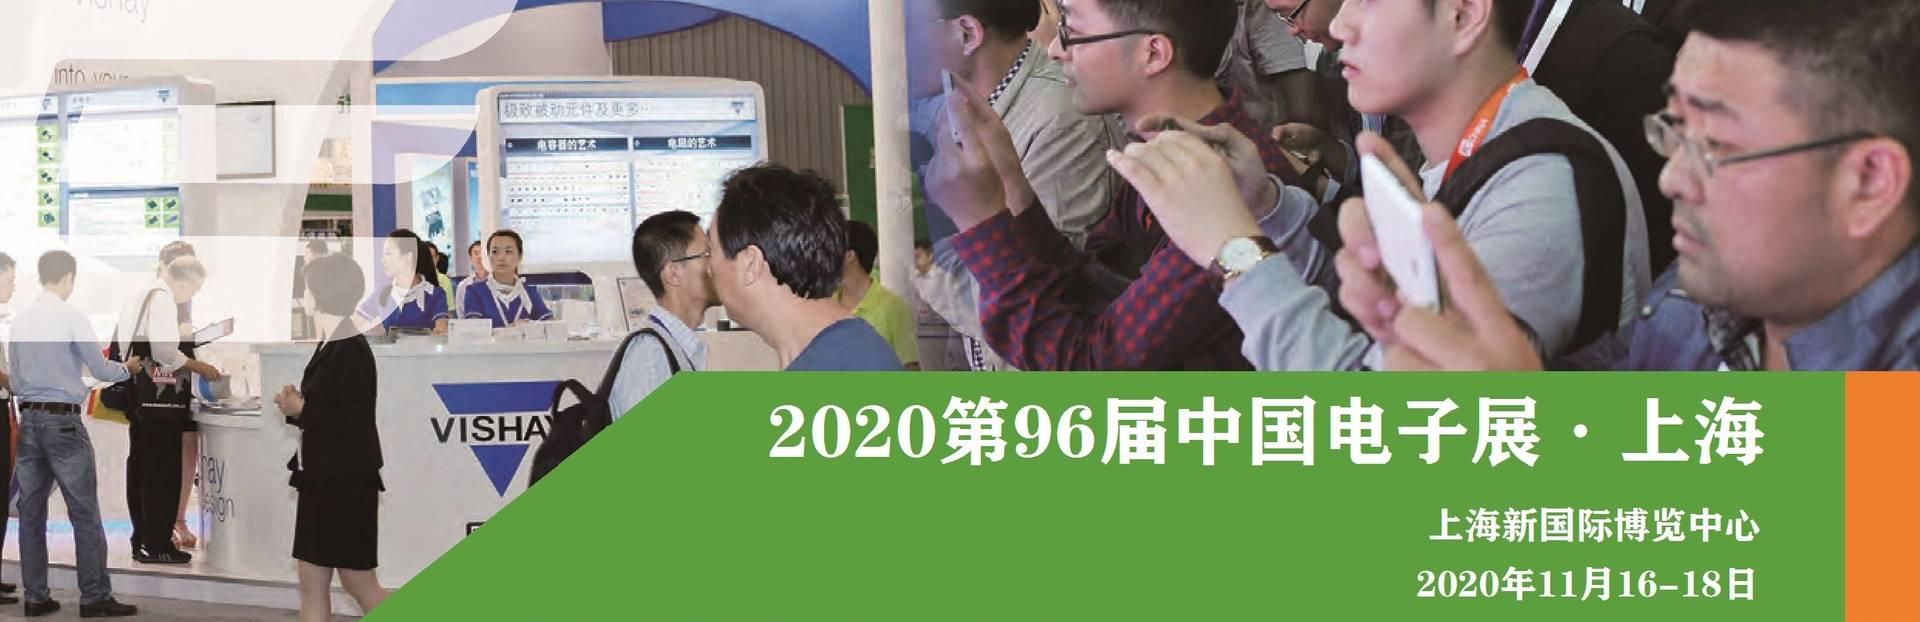 2020第96届中国电子展